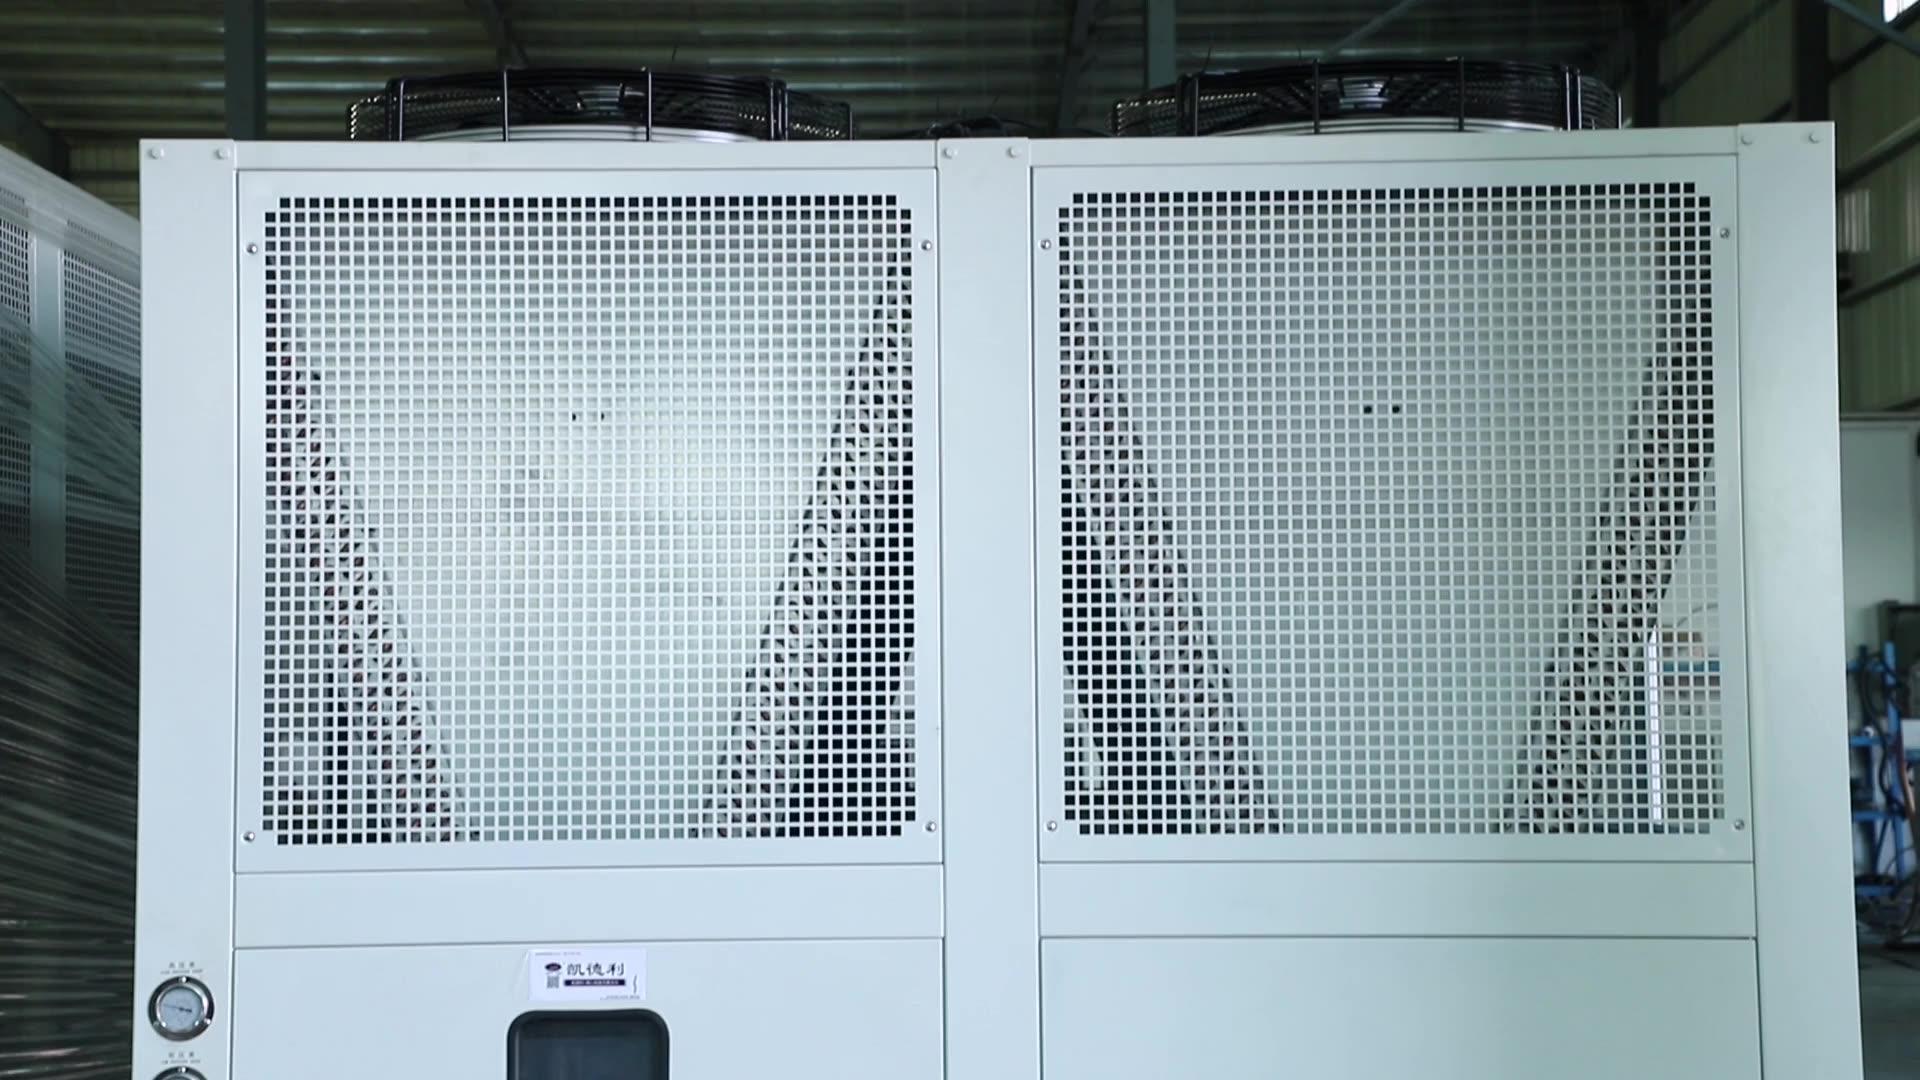 Sistema de refrigeração para o tanque de água compressor de refrigeração em circuito fechado compland unidades de plantas